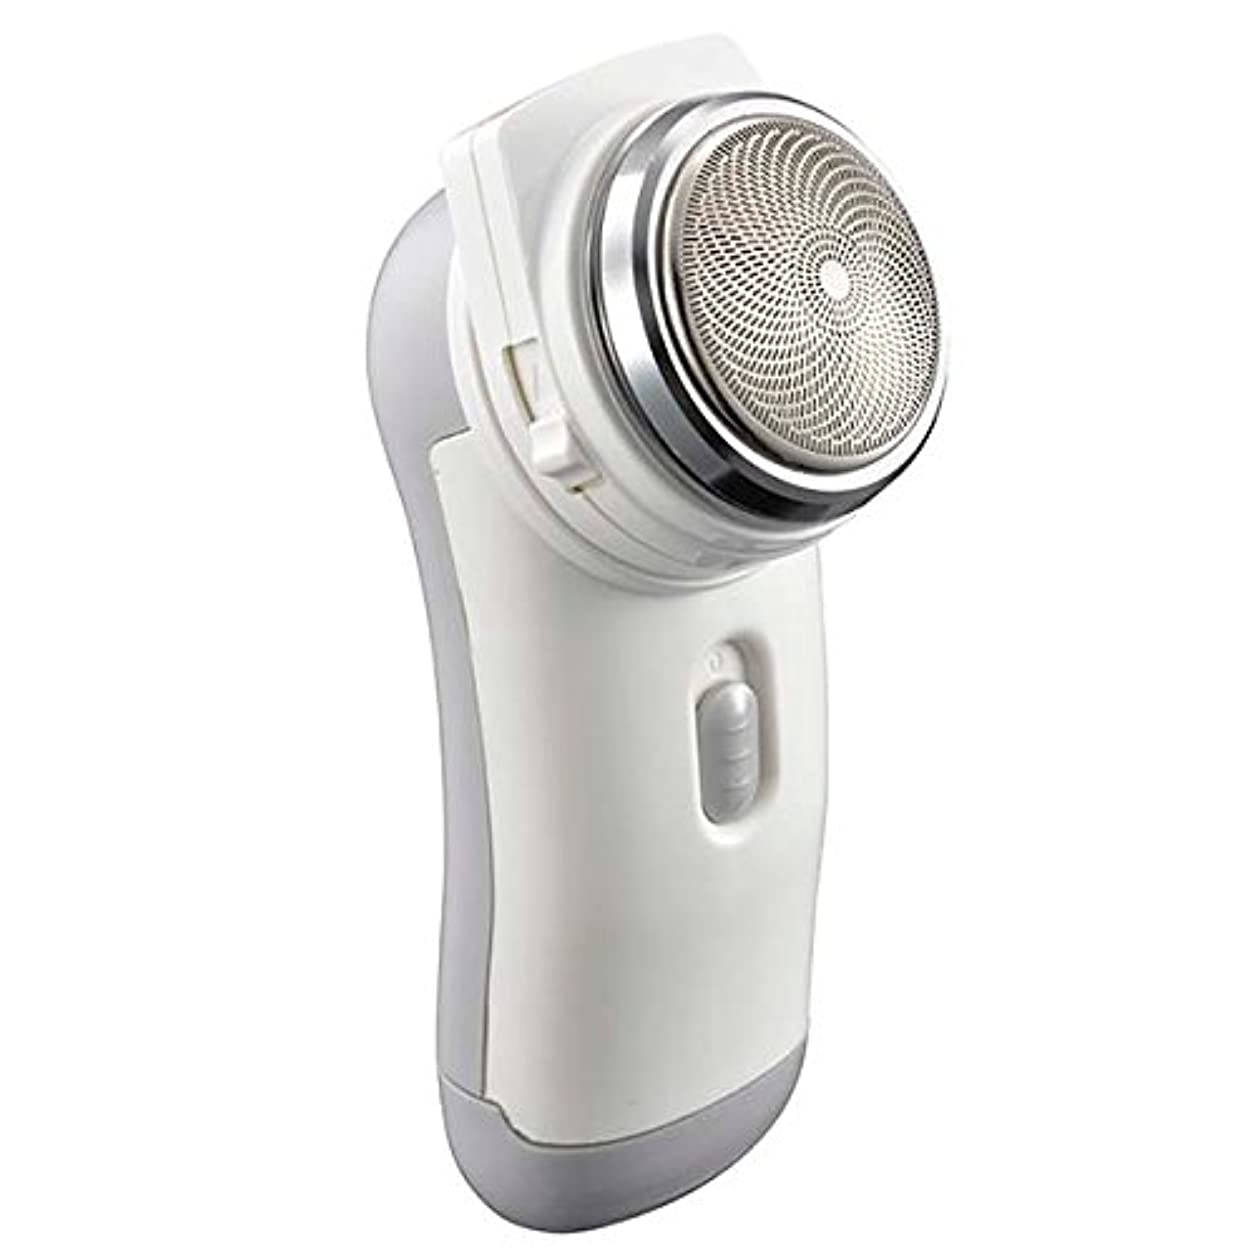 行二探すシェーバー メンズ ポケットシェーバー 携帯便利 静音回転式 もみあげ対応 電池式 キワゾリ刃付き 高性能シェーバー 髭剃り ひげそり 男性用 回転式ポケットシェーバー プレゼントにも最適